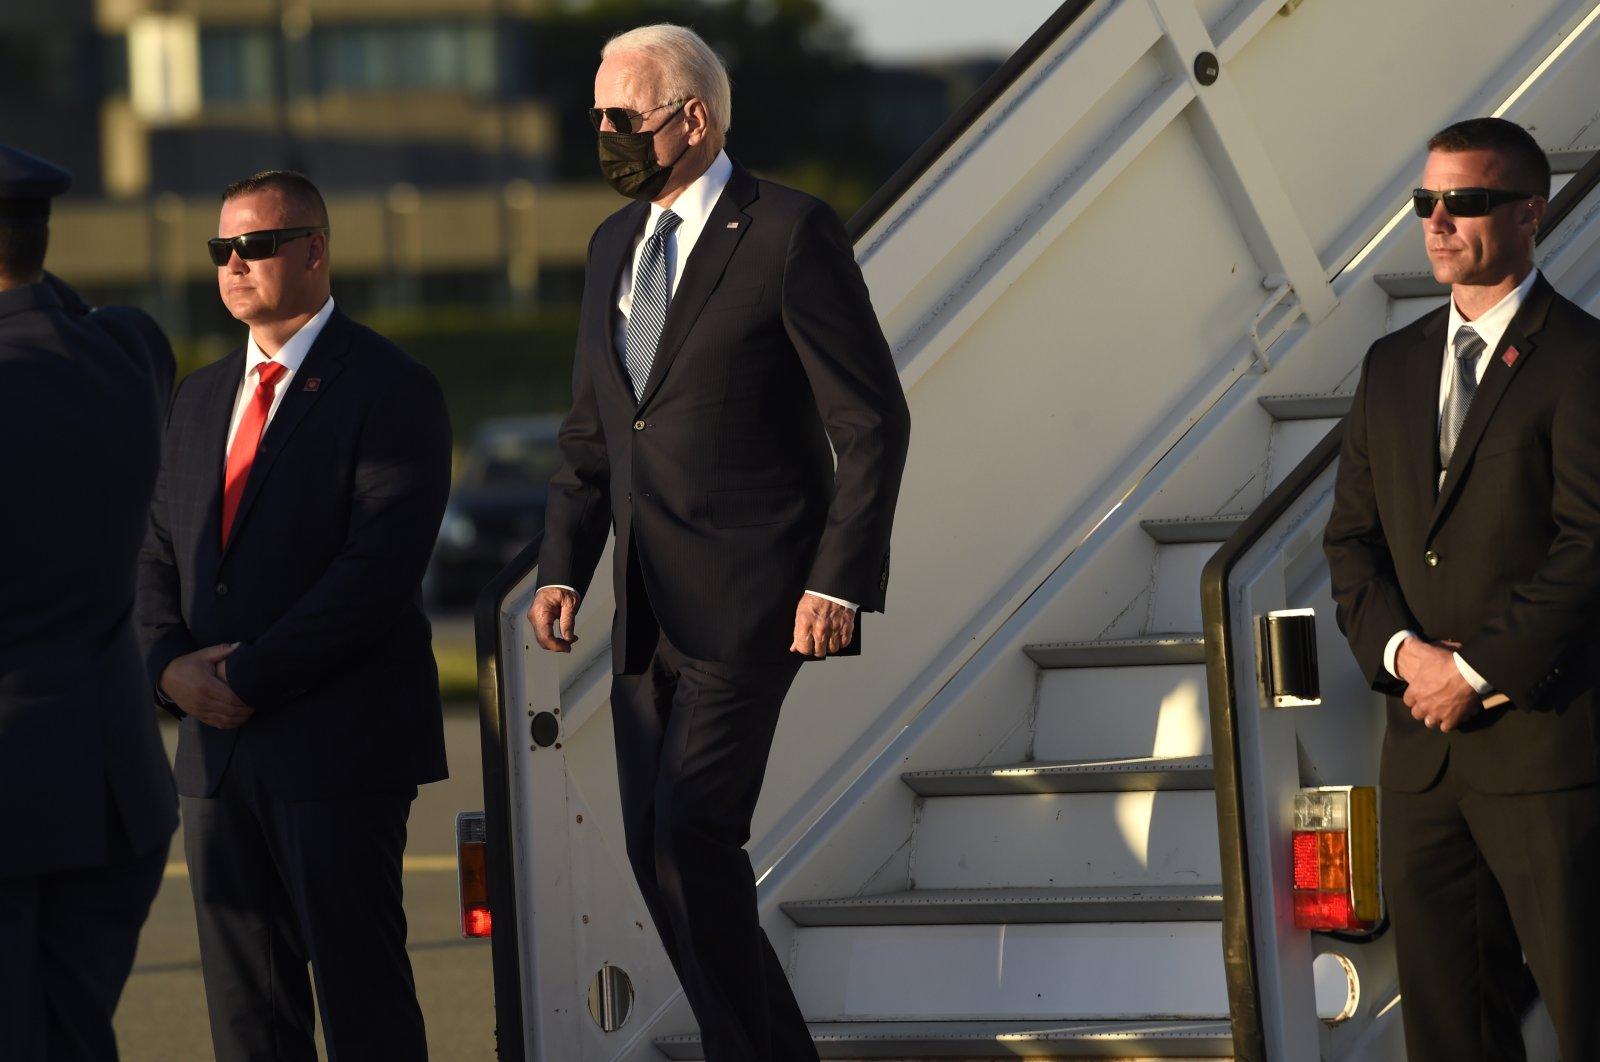 U.S. President Joe Biden arrives at Melsbroek Military Airport ahead of a NATO summit in Brussels, Belgium, June 13, 2021. (AP Photo)